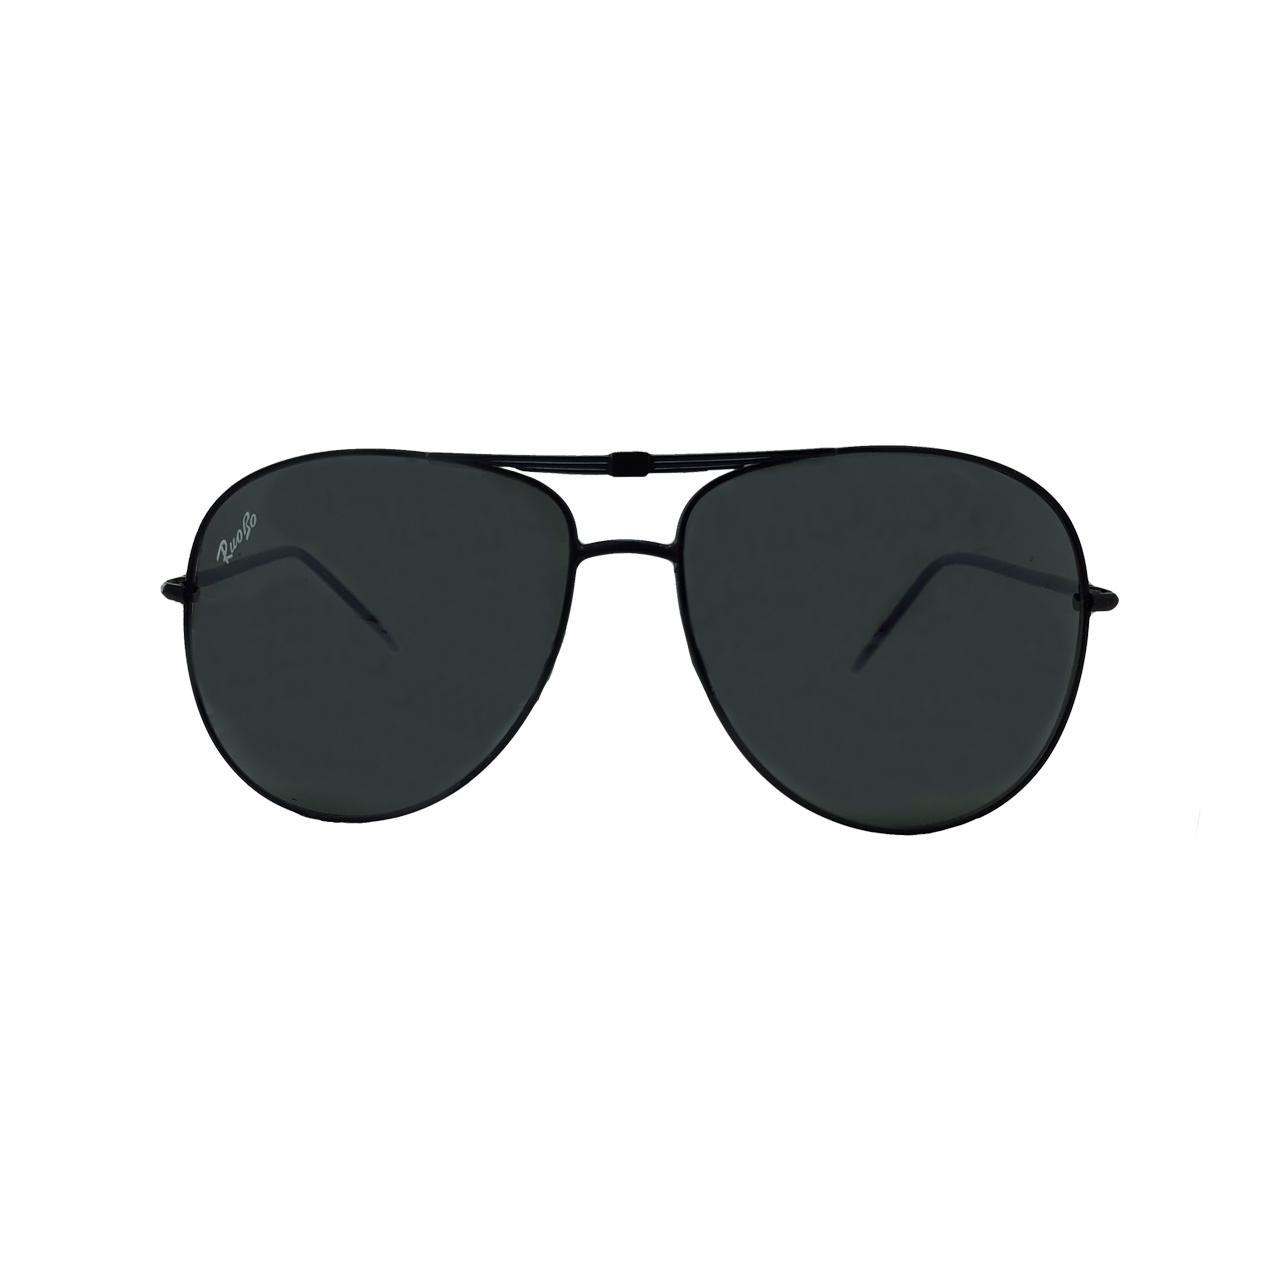 قیمت عینک آفتابی روبو کد 55